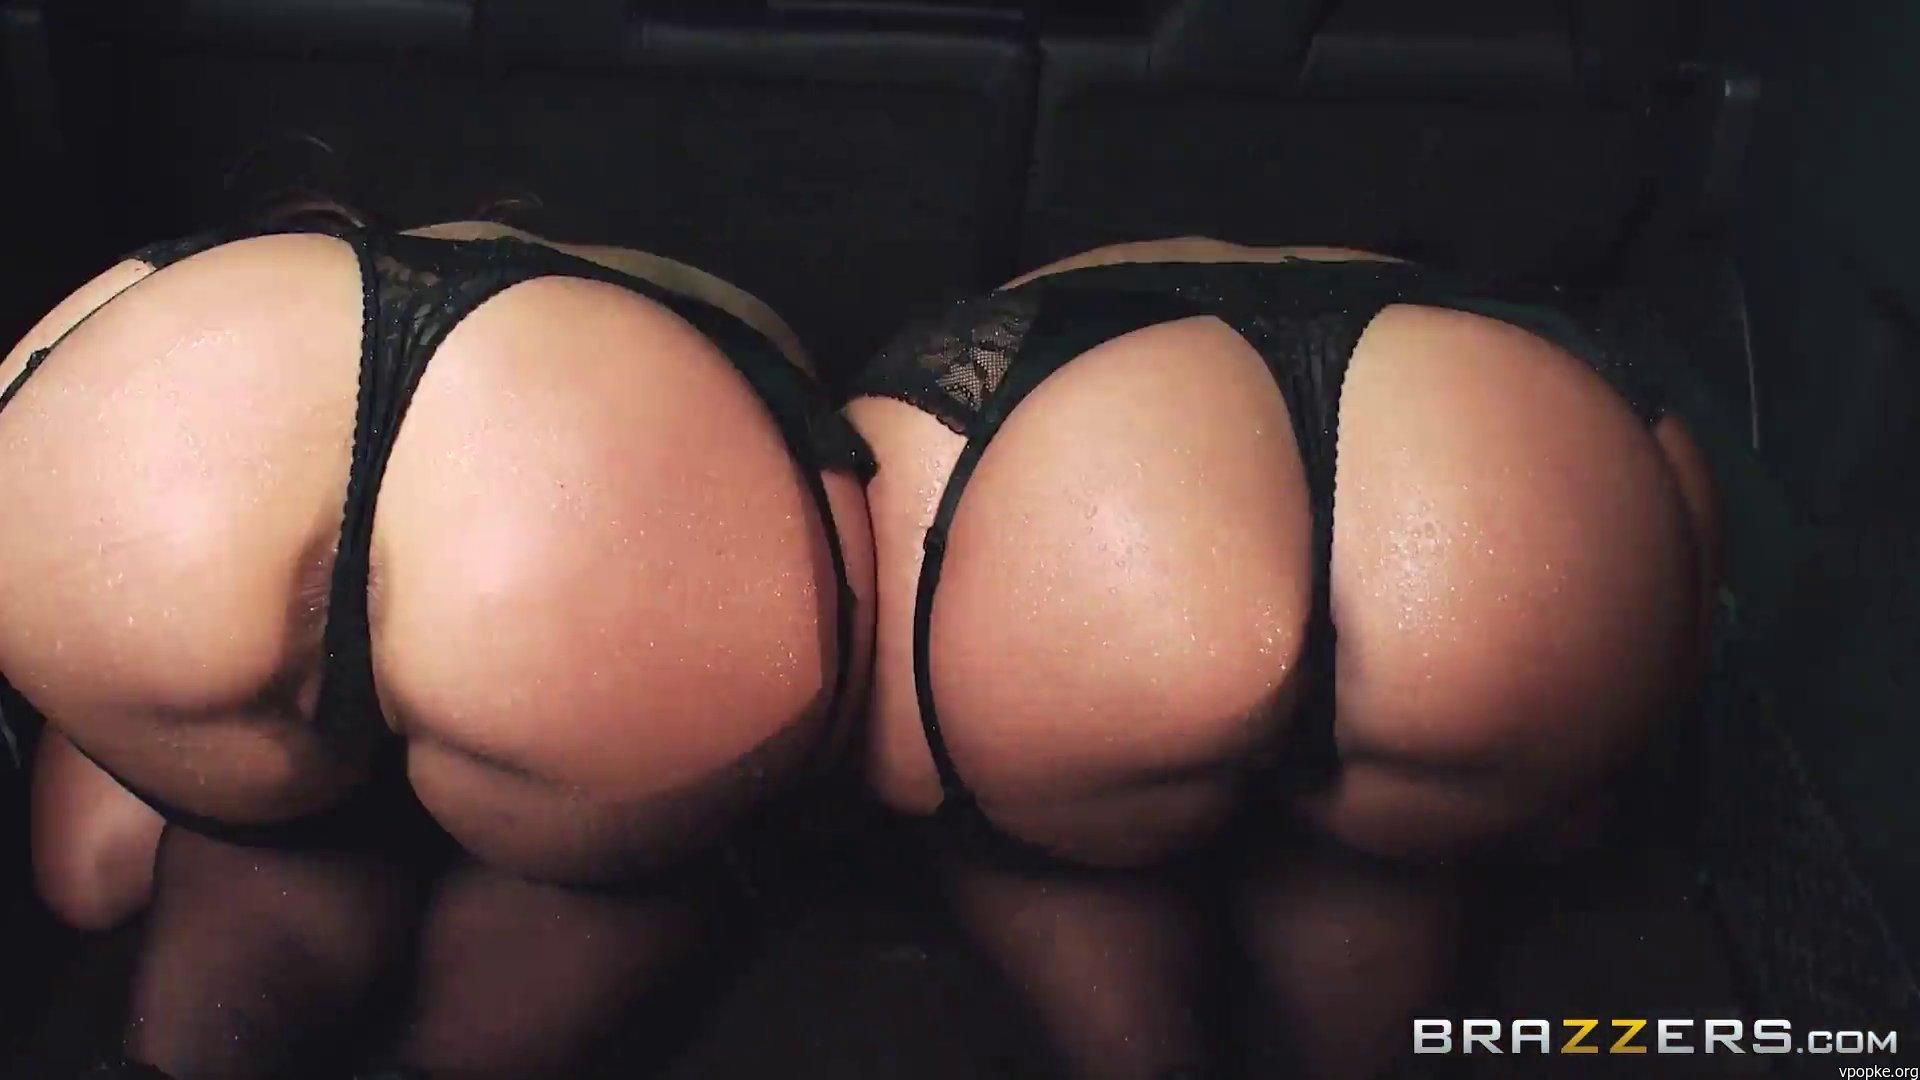 Упругие жопы сиськи, Порно Красивые попки -видео. Смотреть порно 27 фотография